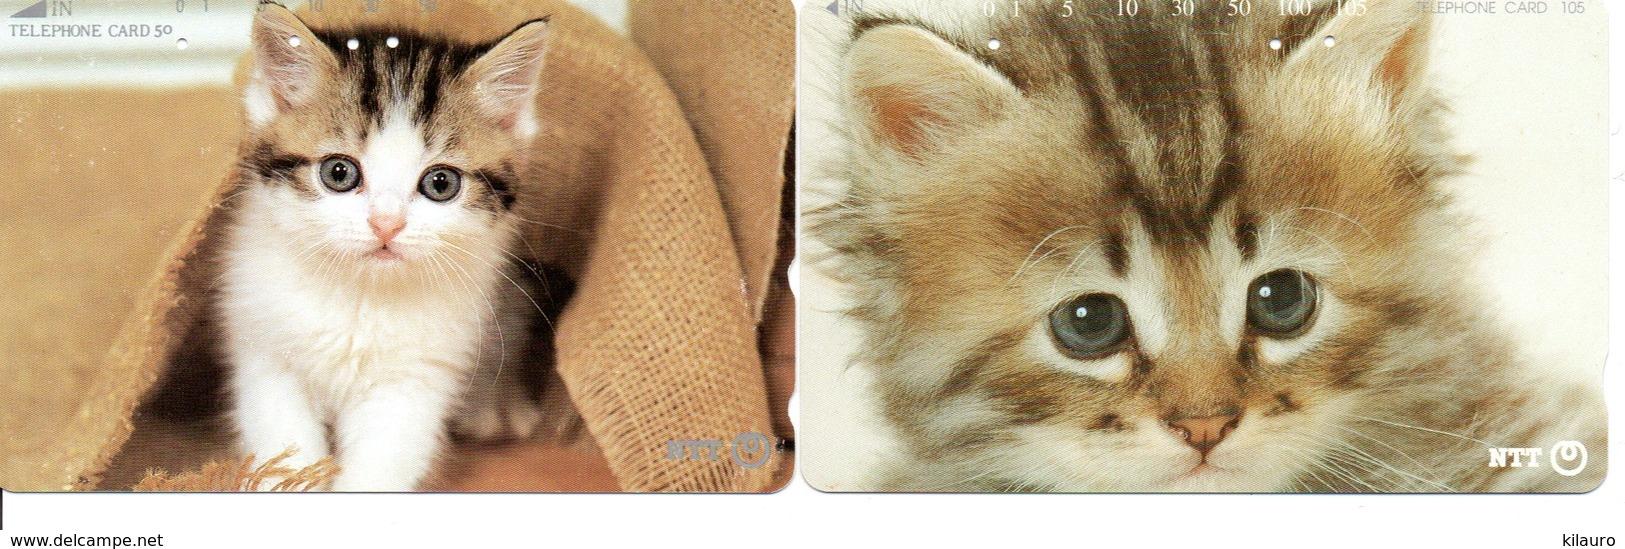 2 Télécartes Japon Japan Chat Cat  Katze Phonecard (D 652) - Gatos